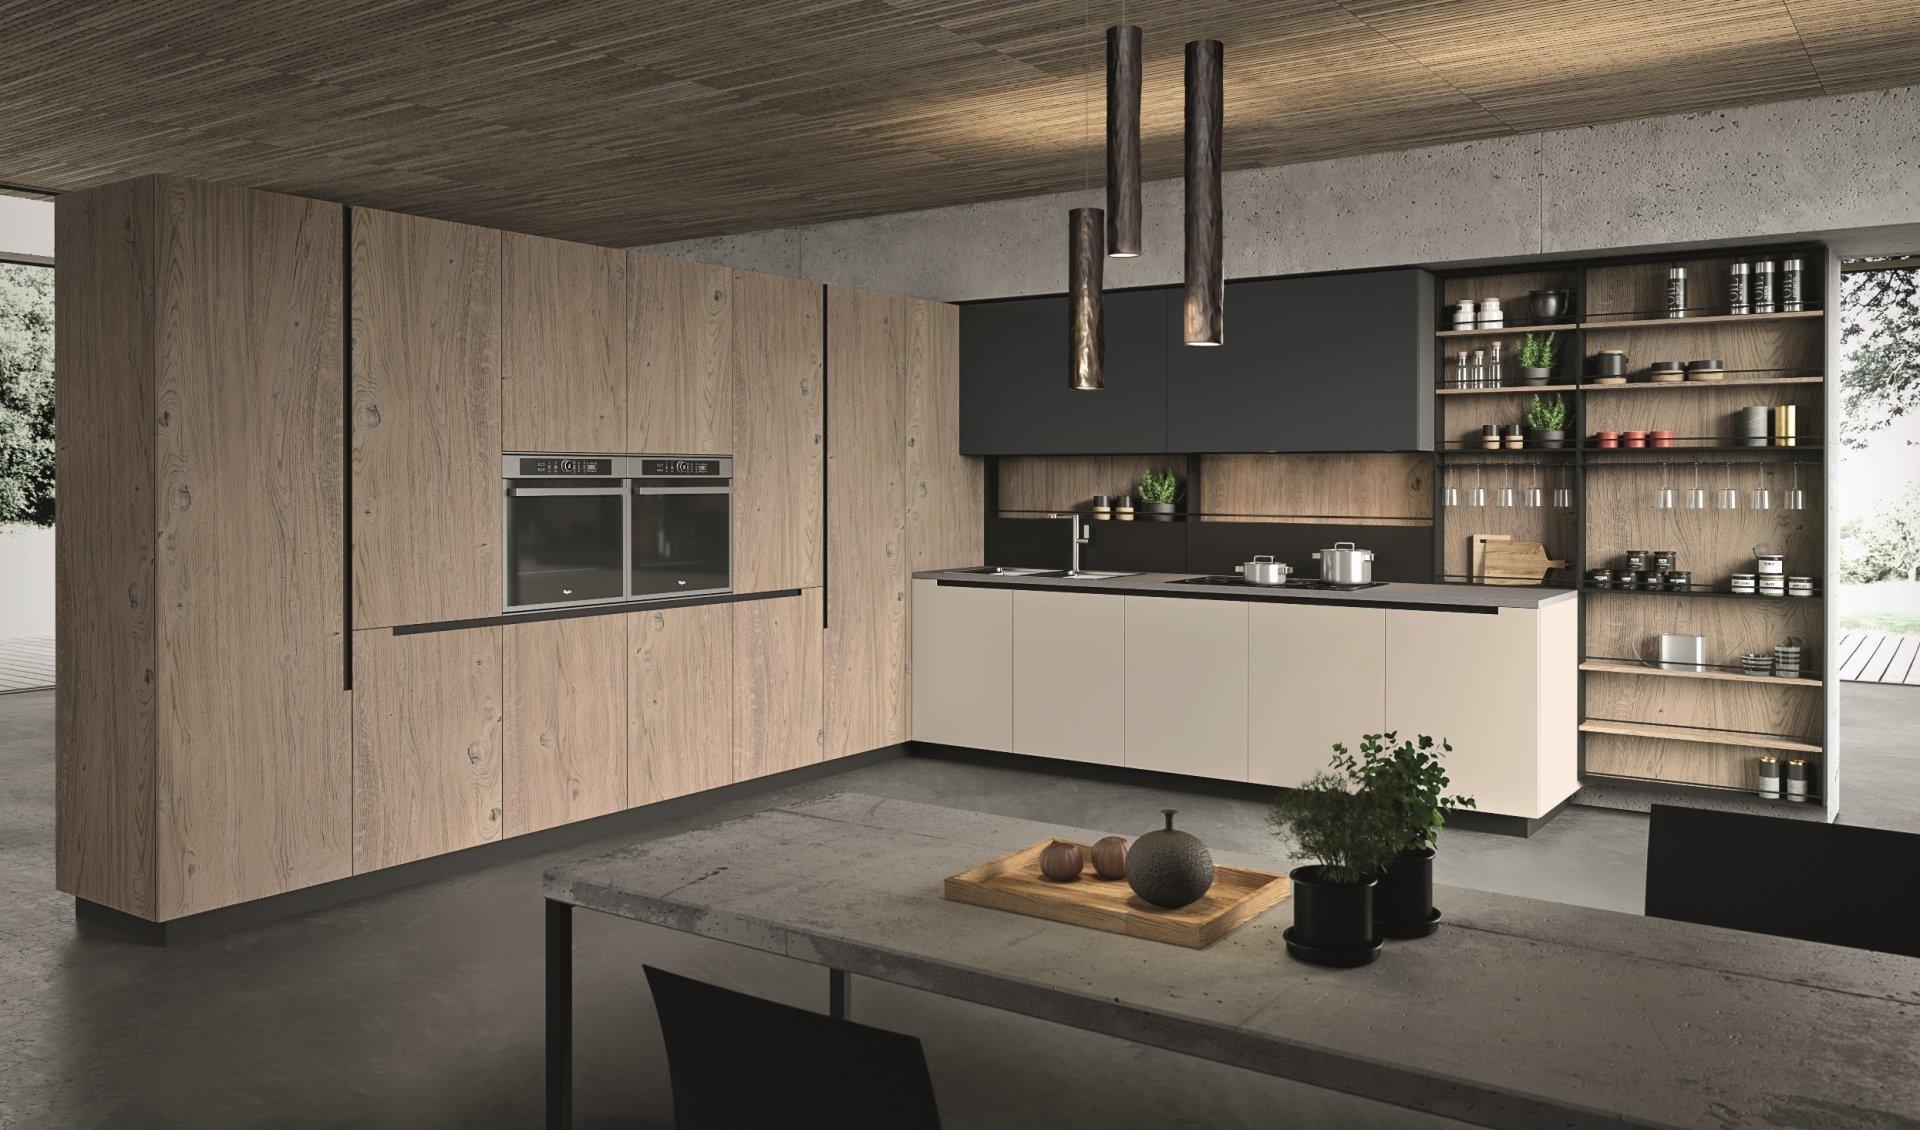 Cucina Anni 60 : Mobile cucina la cucina anni di martini mobili bagno